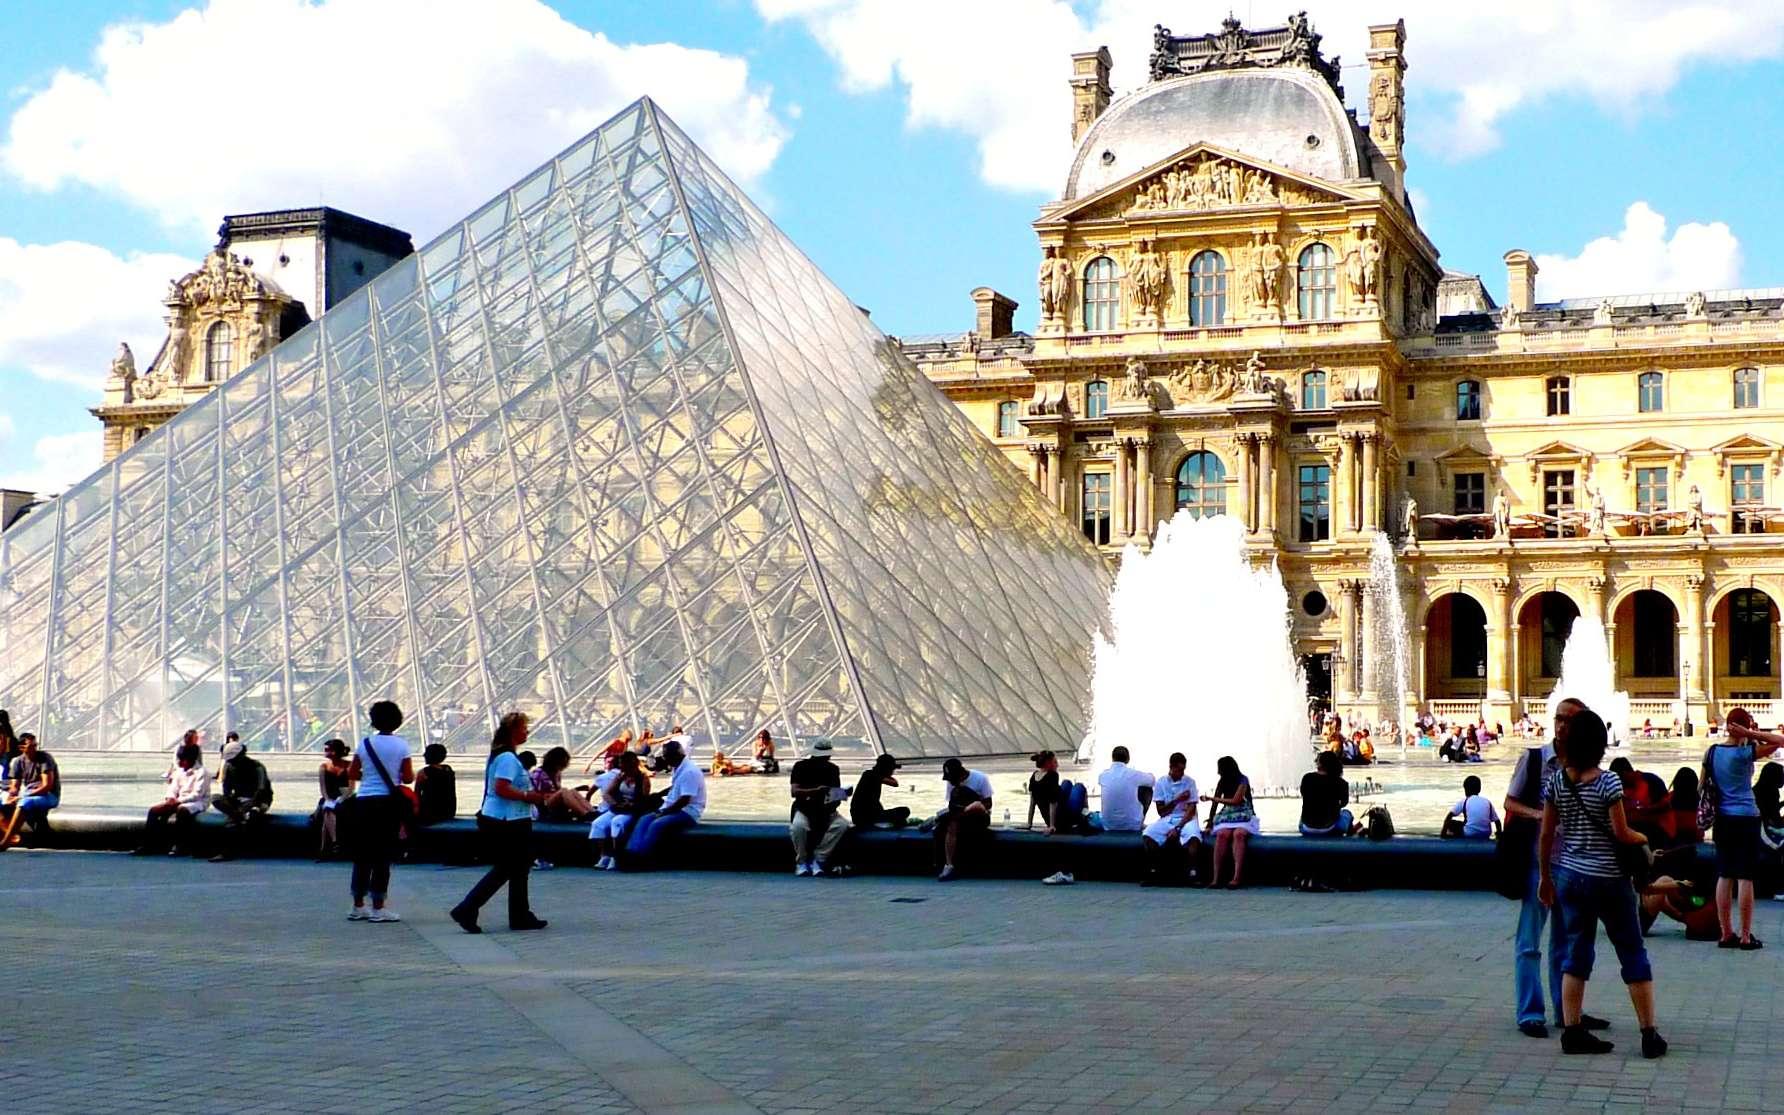 Musée du Louvre à Paris. © zoetnet, Flickr, CC by-sa 2.0